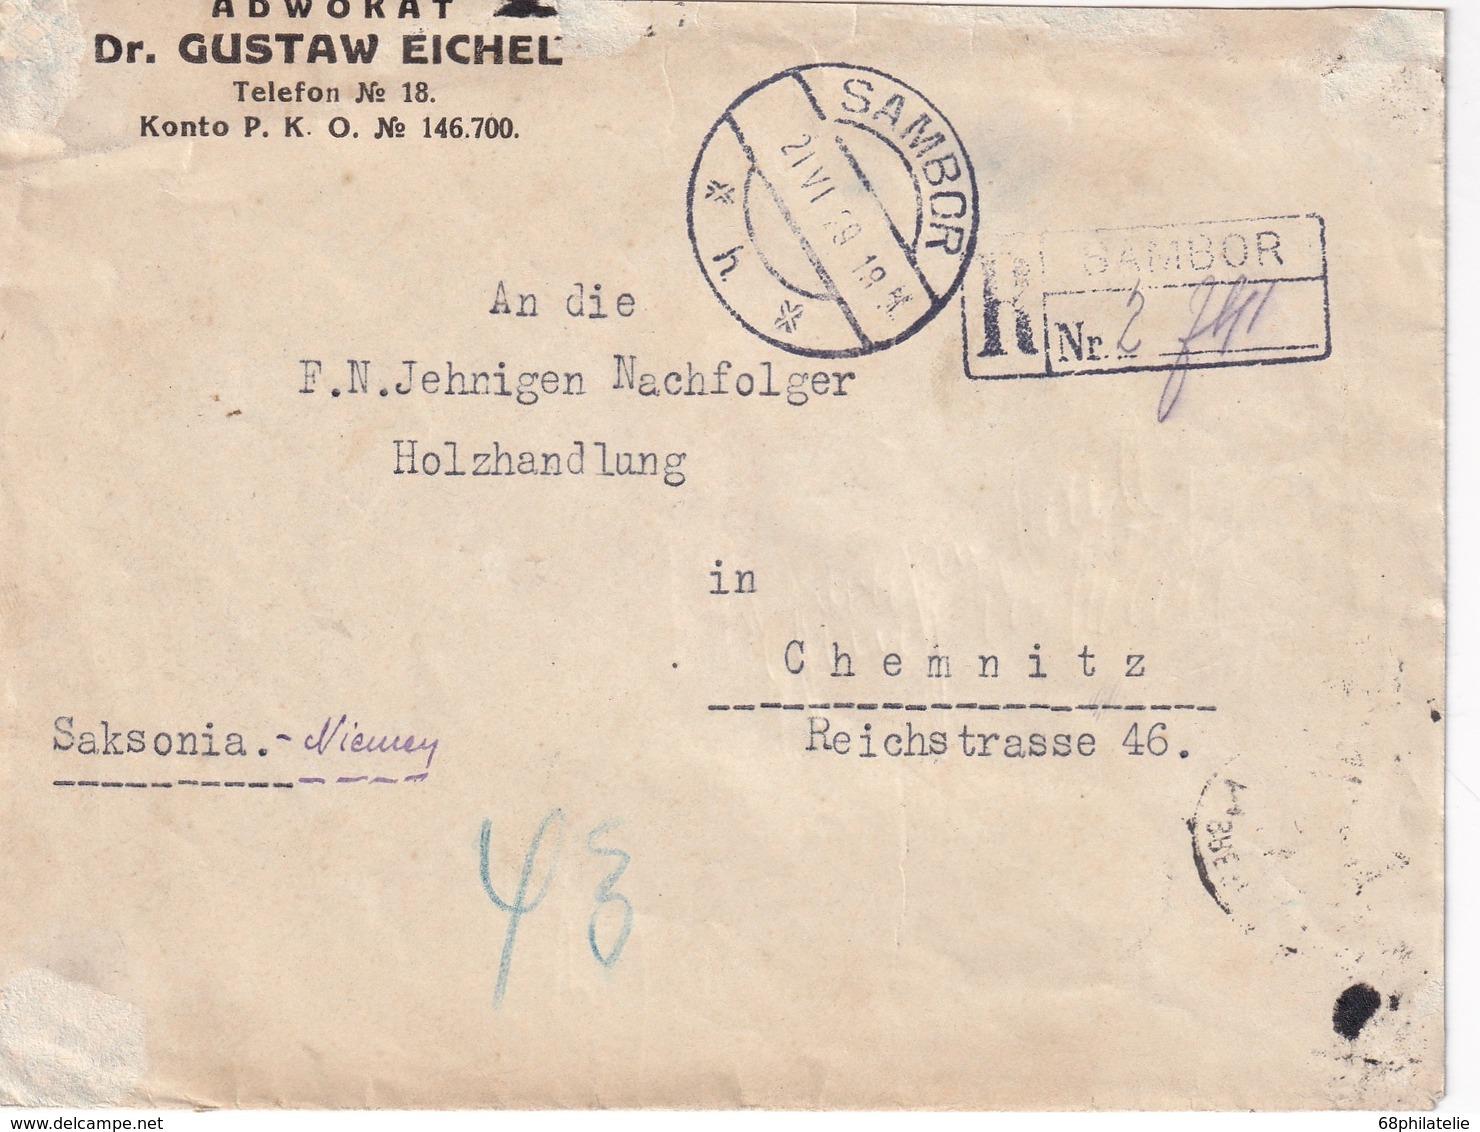 POLOGNE 1929 LETTRE RECOMMANDEE DE SAMBOR AVEC CACHET ARRIVEE CHEMNITZ - 1919-1939 Republic